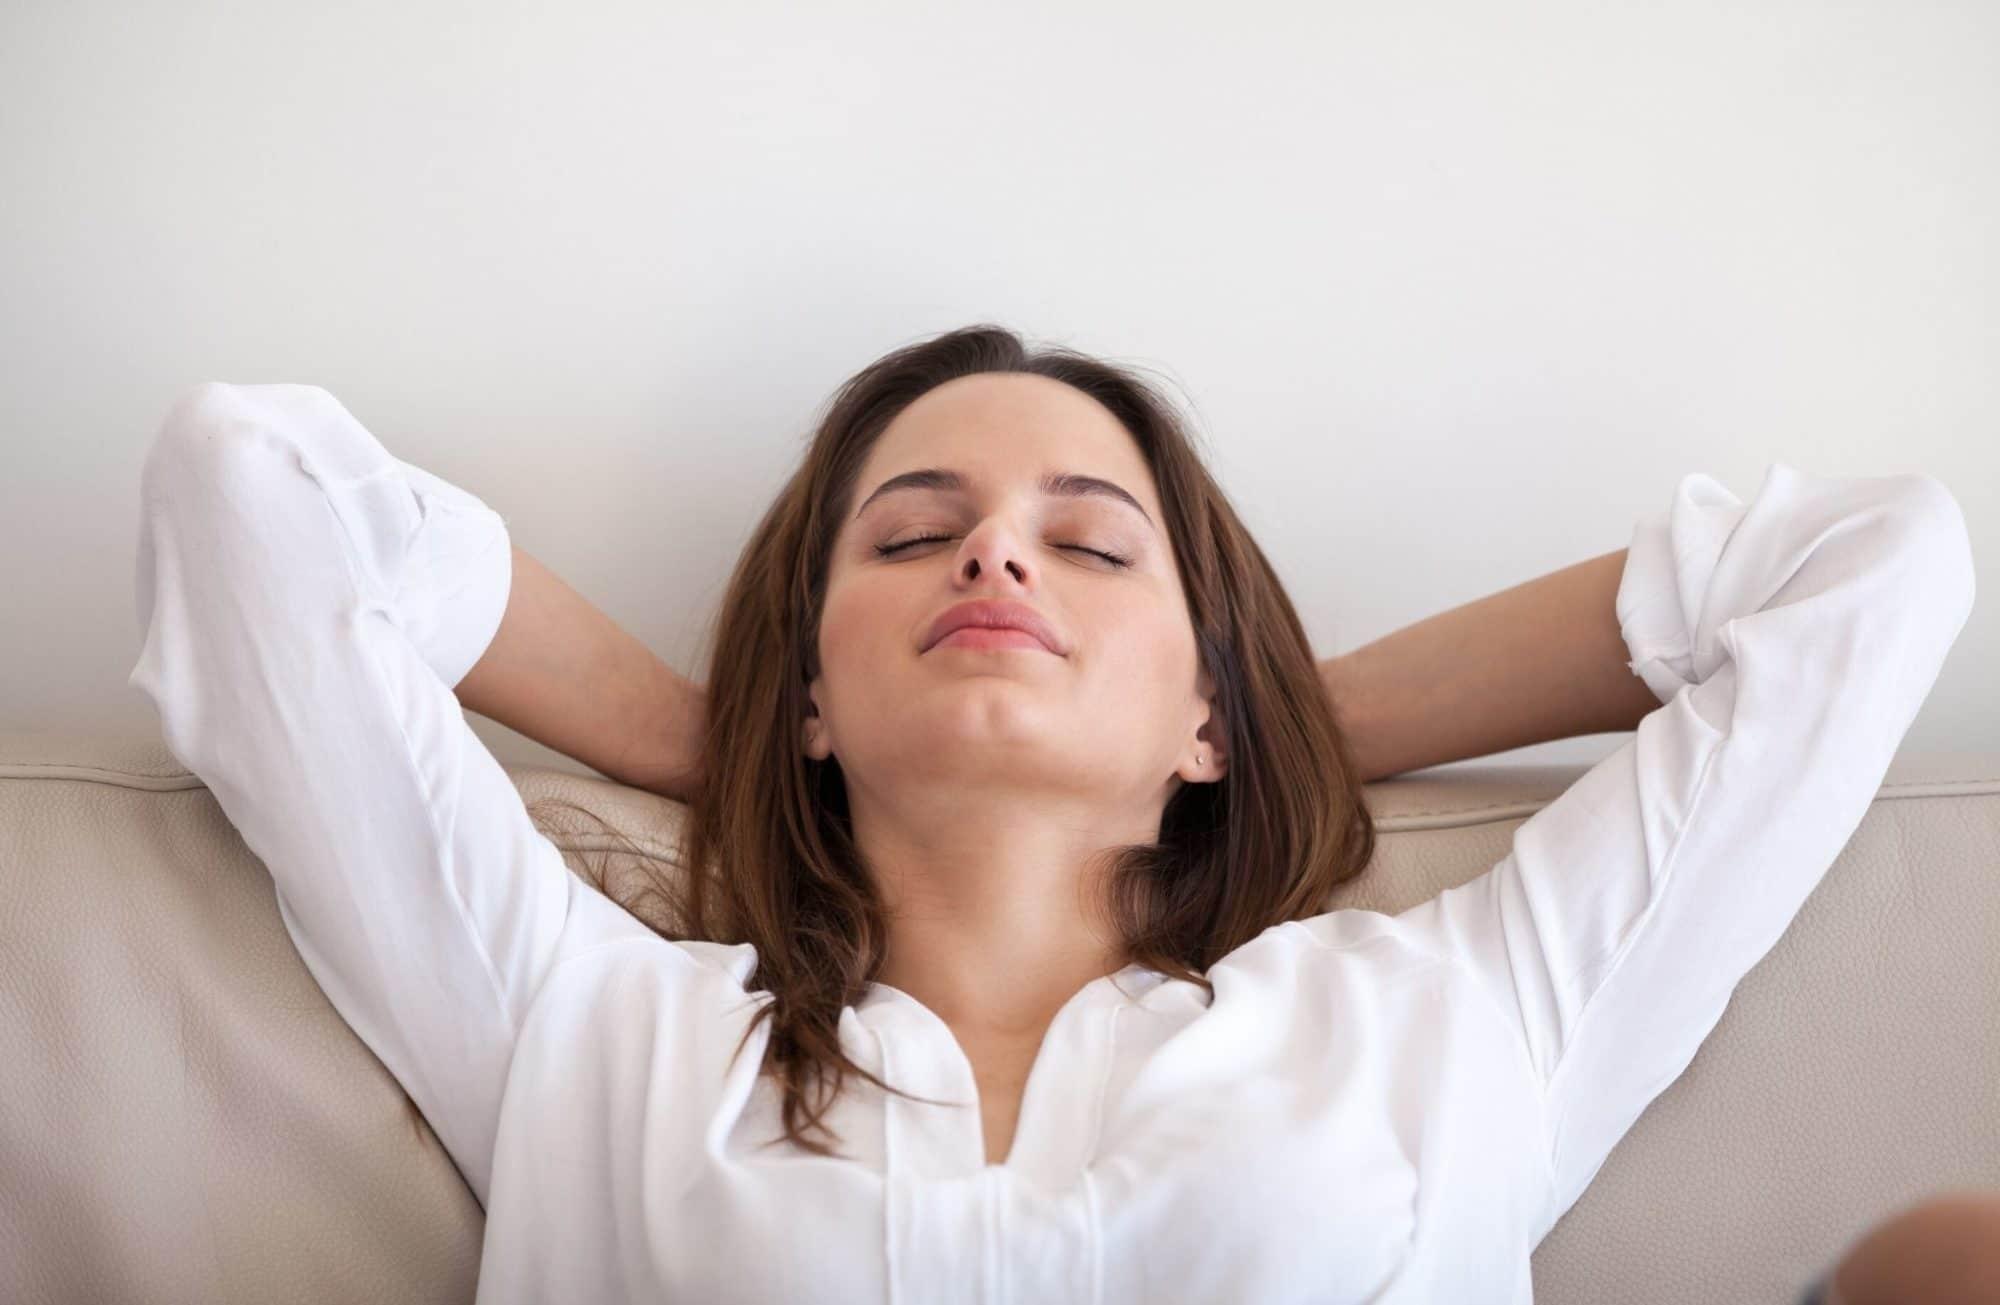 Se détendre grâce à l'hypnose : on essaie ?